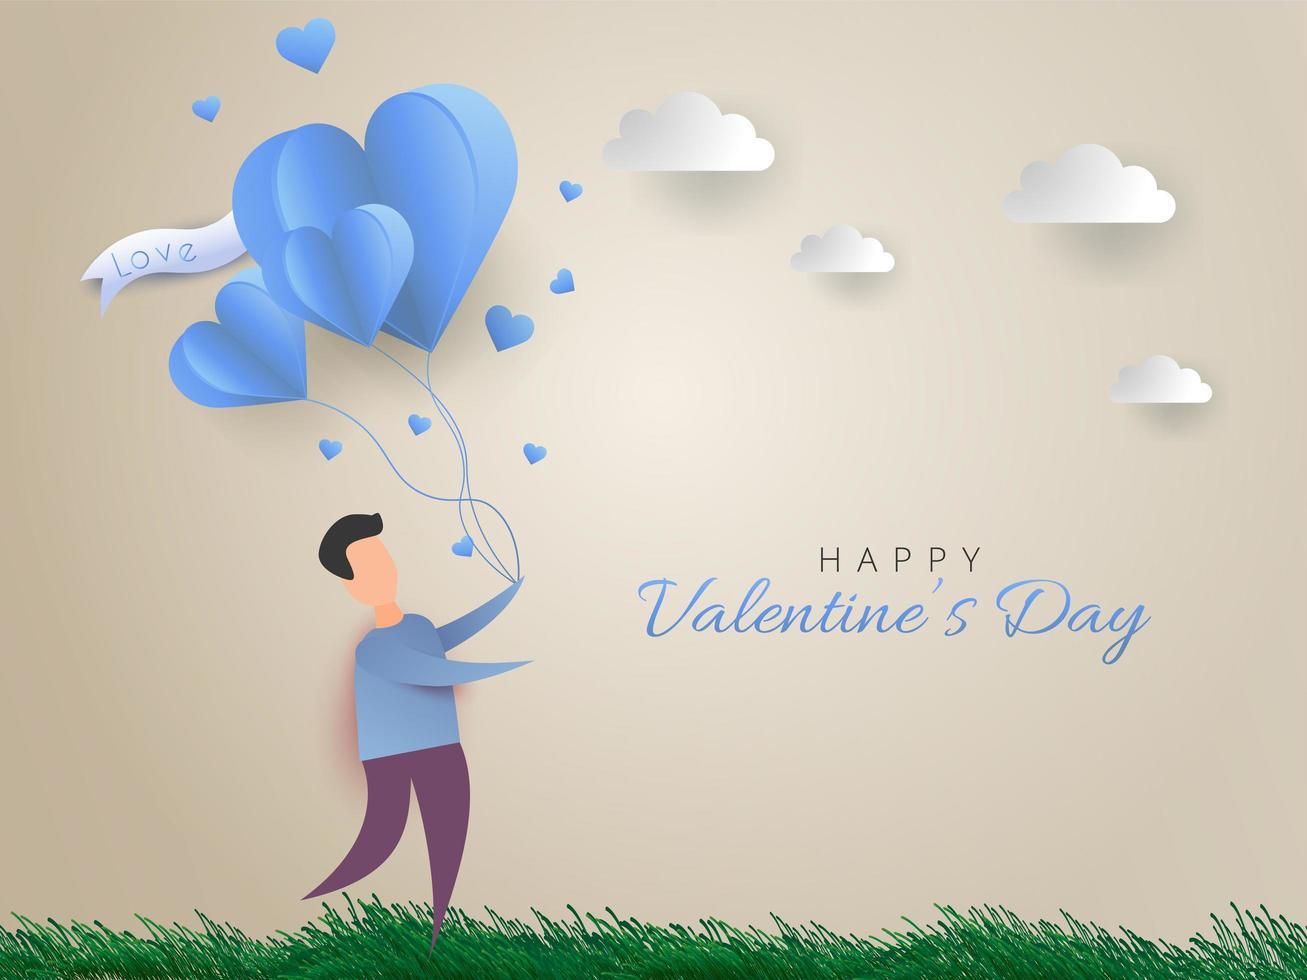 Glad Alla hjärtans dagskort. Man springer med hjärta luftballonger. vektor